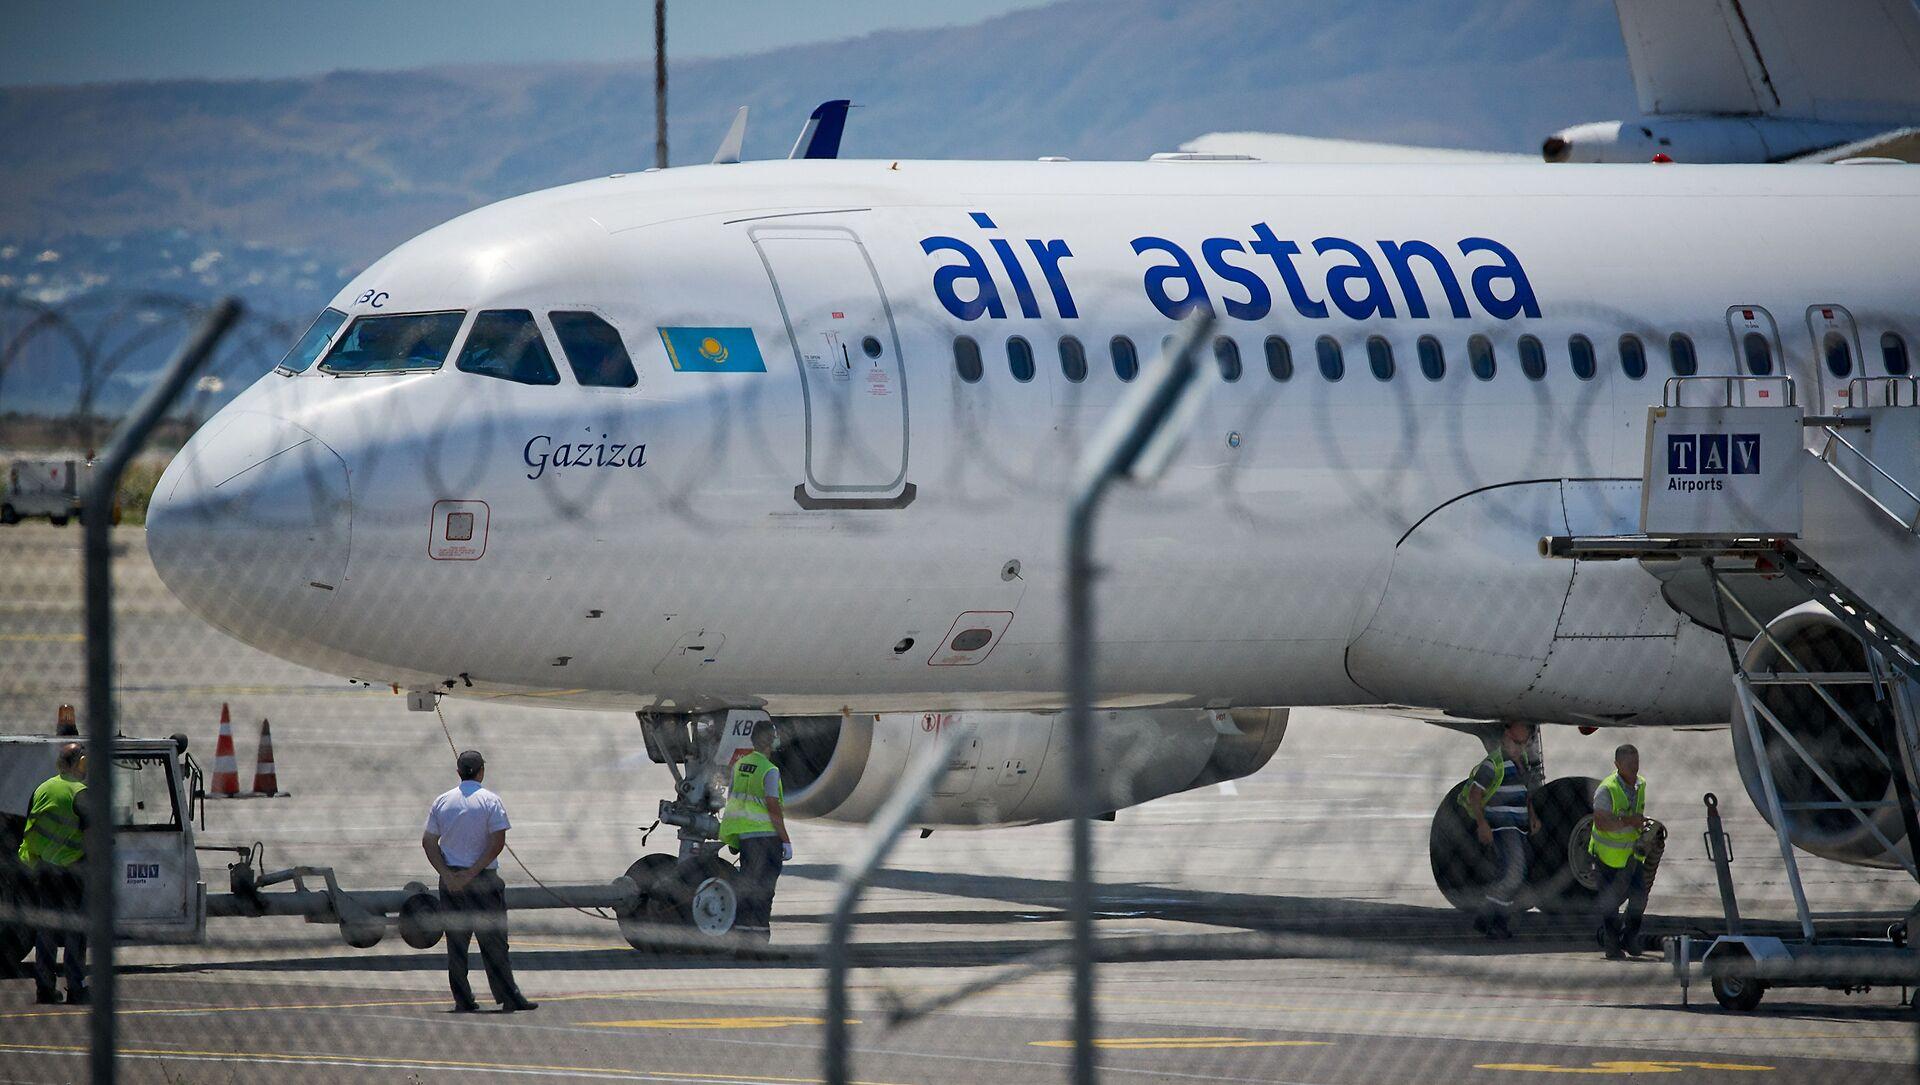 Пассажирский самолет казахстанских авиалиний Air Astana - Sputnik Грузия, 1920, 15.05.2021